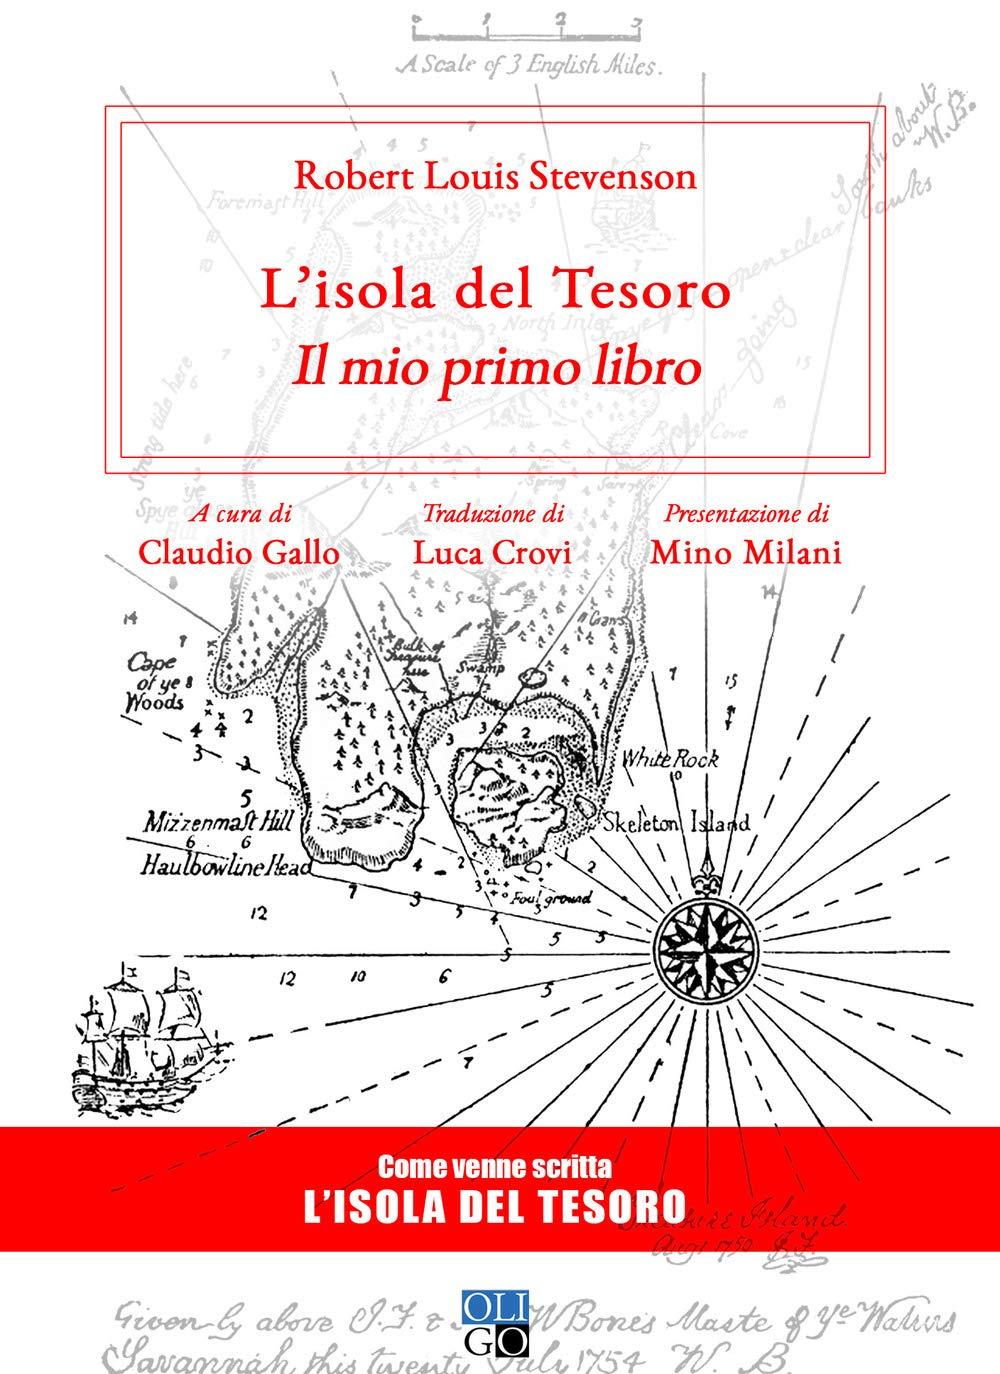 L'Isola del Tesoro: il mio primo libro